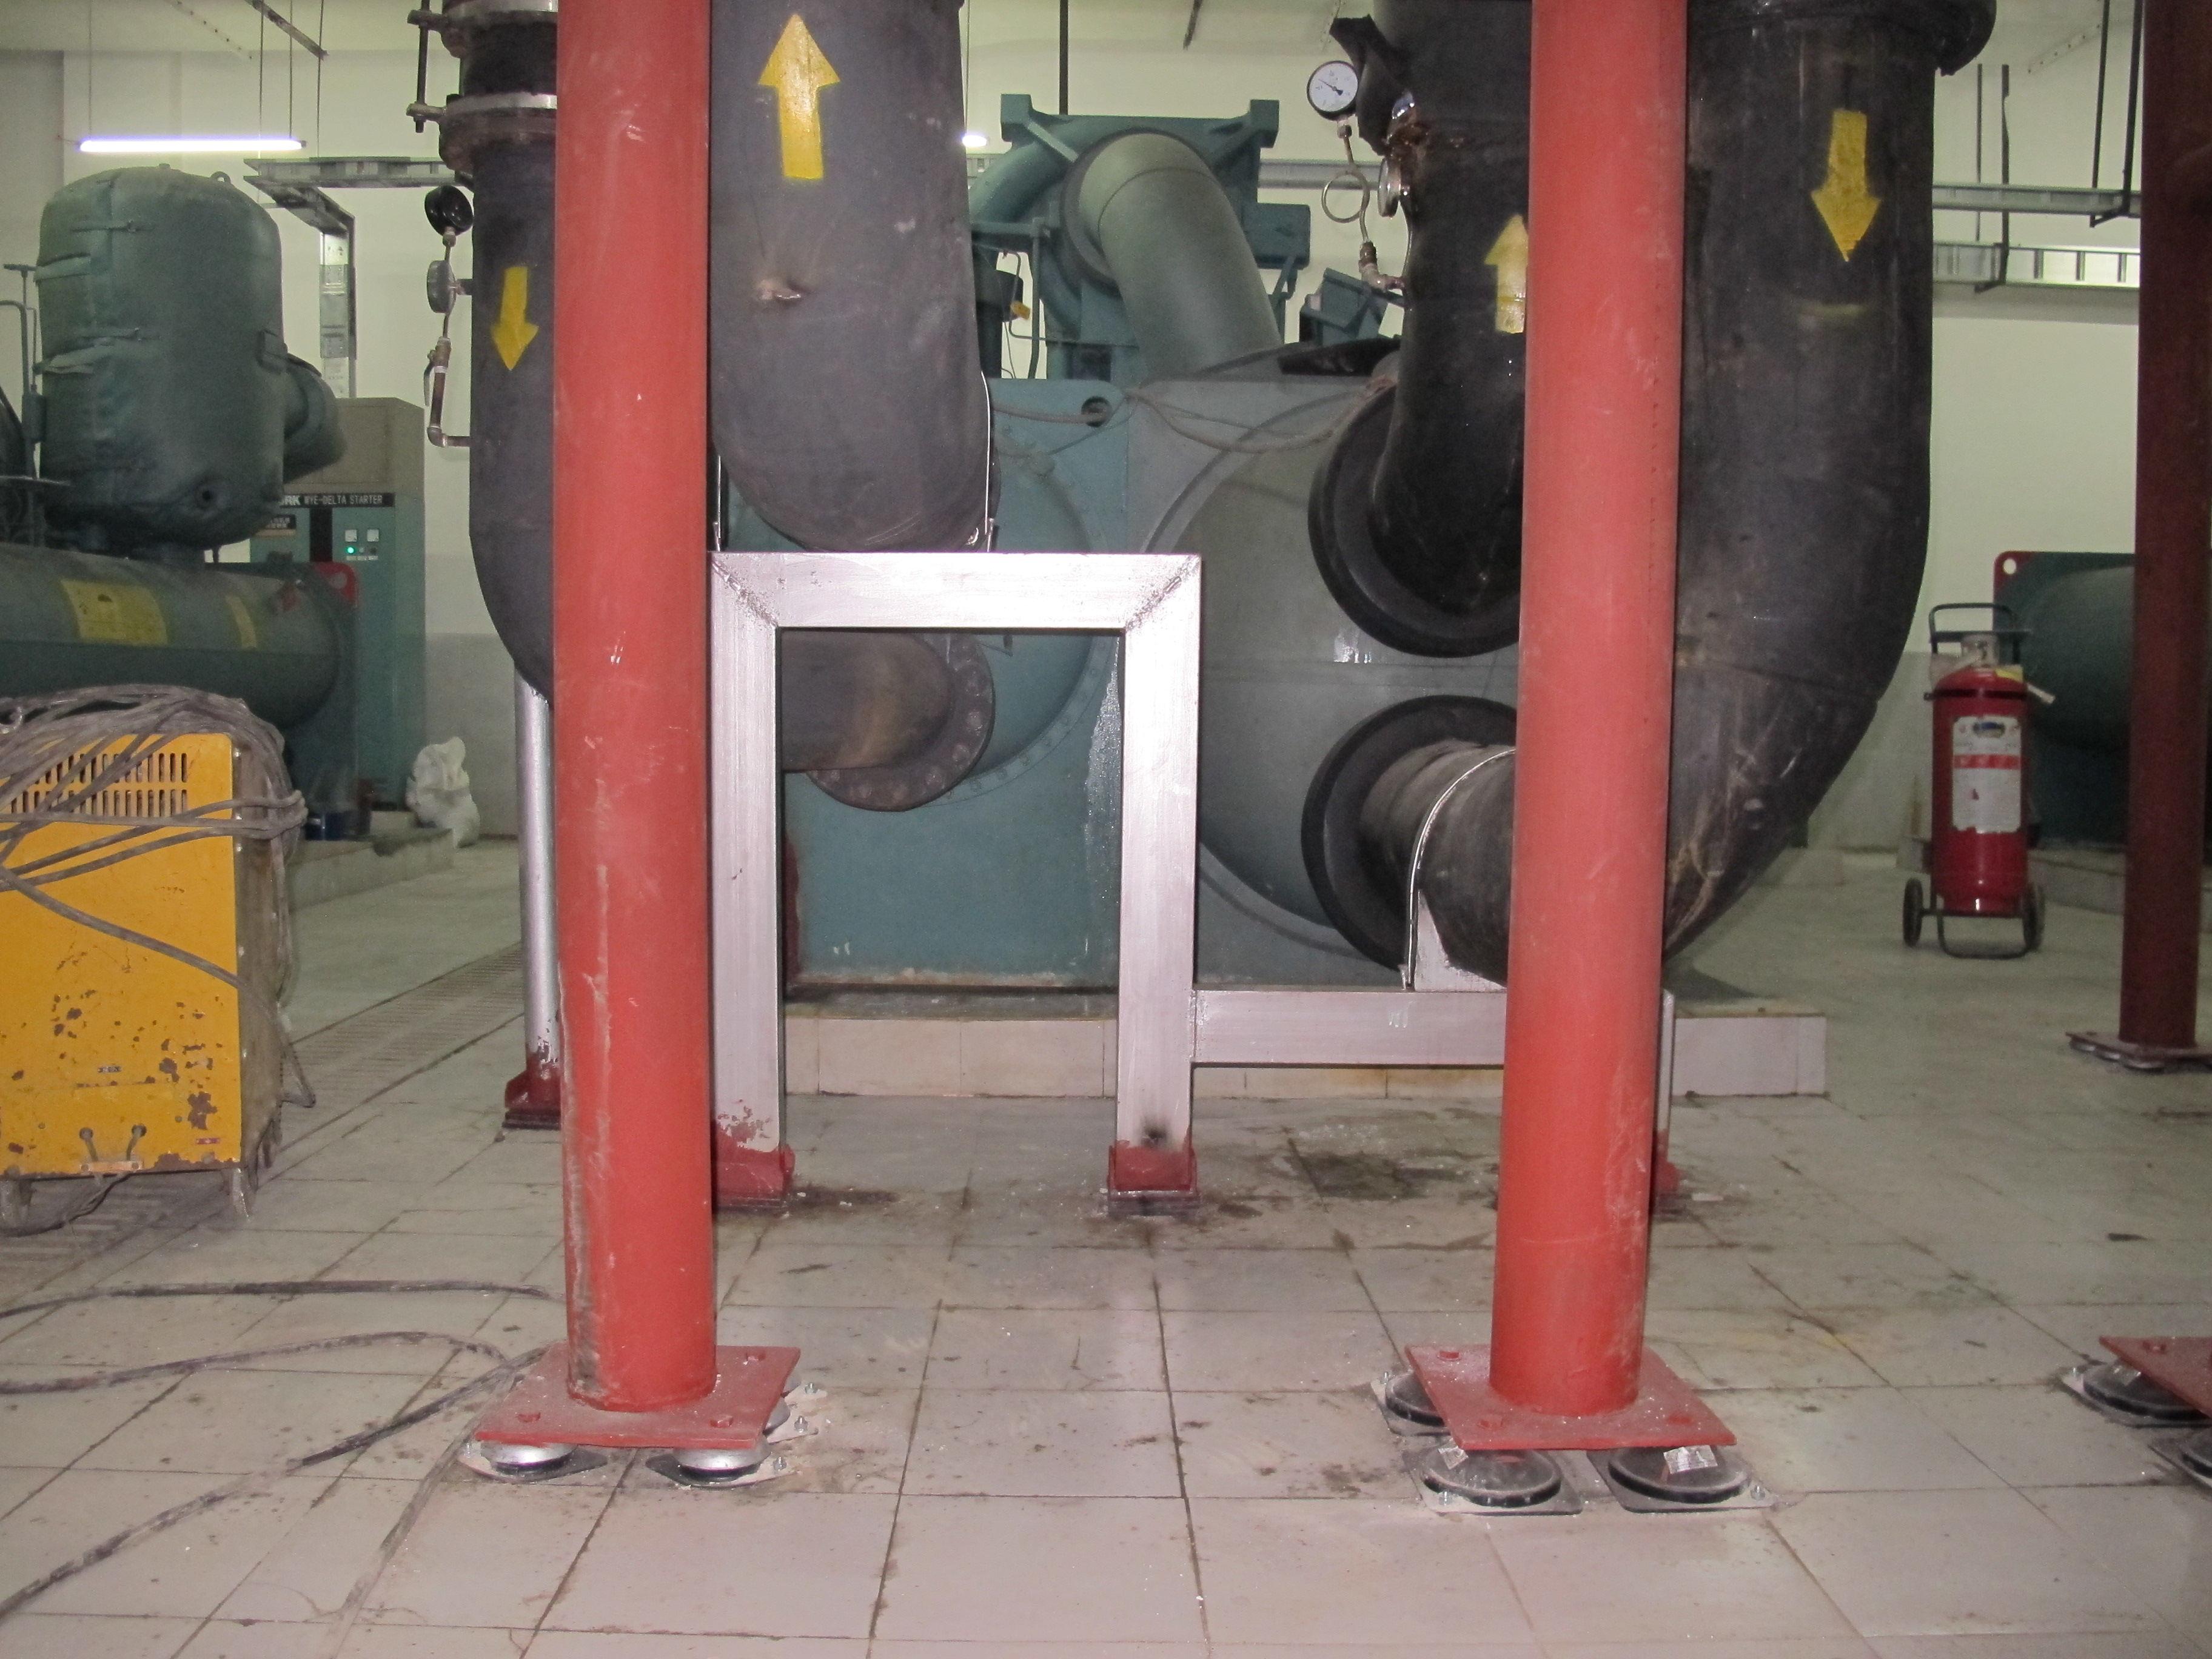 室内空调机组噪声整治